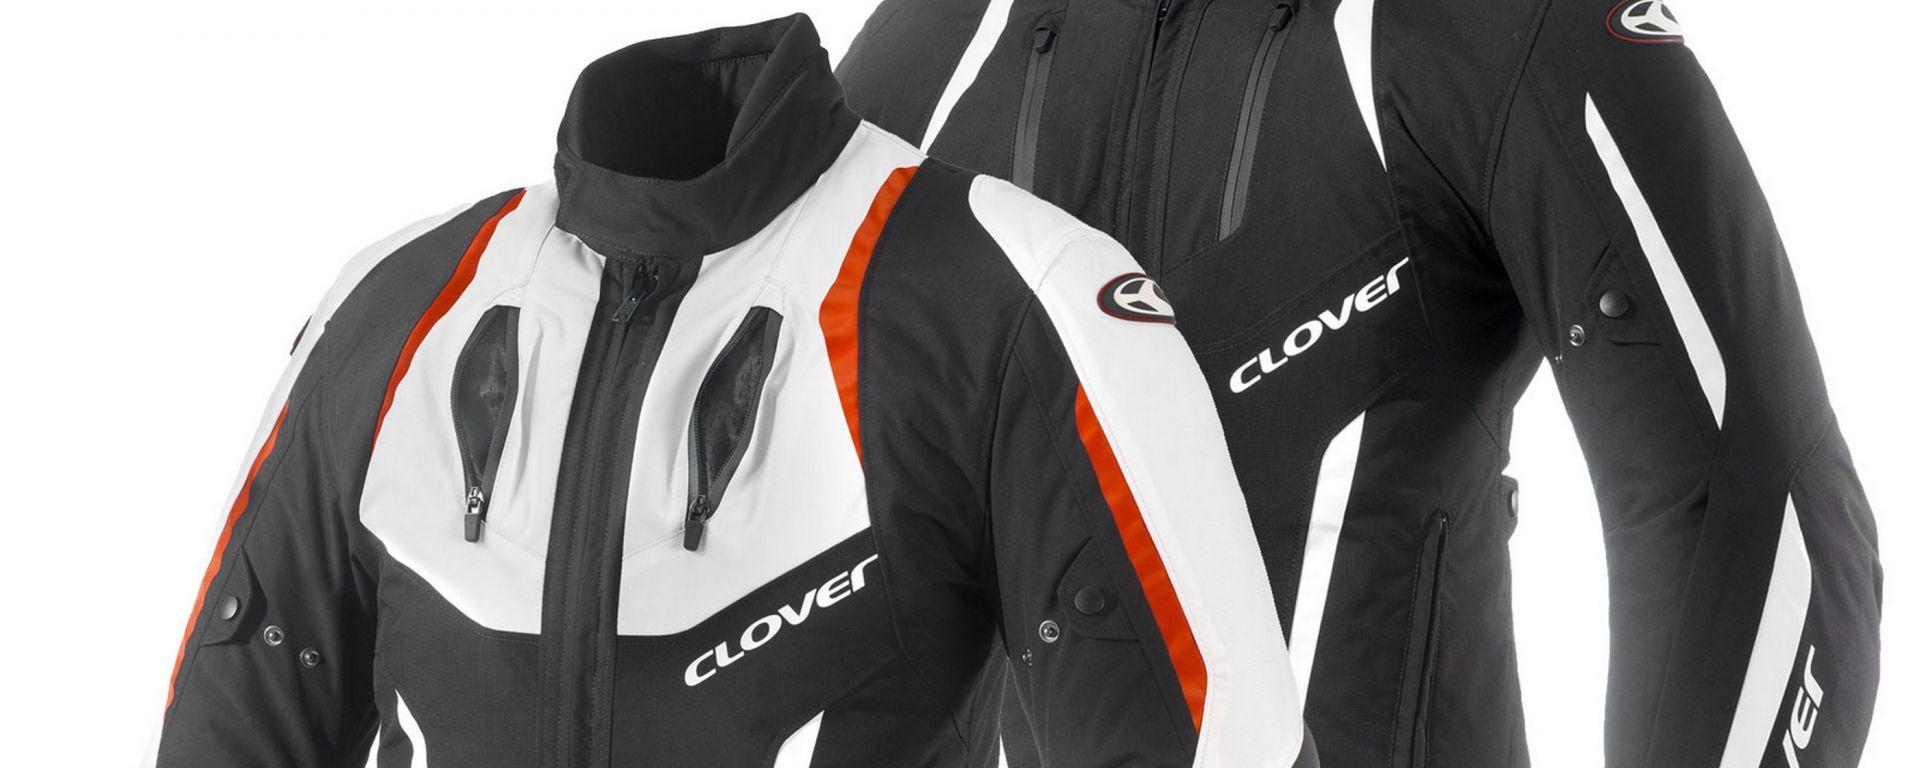 Clover Airblade-2: colorazioni Nero/Bianco, Bianco/Rosso